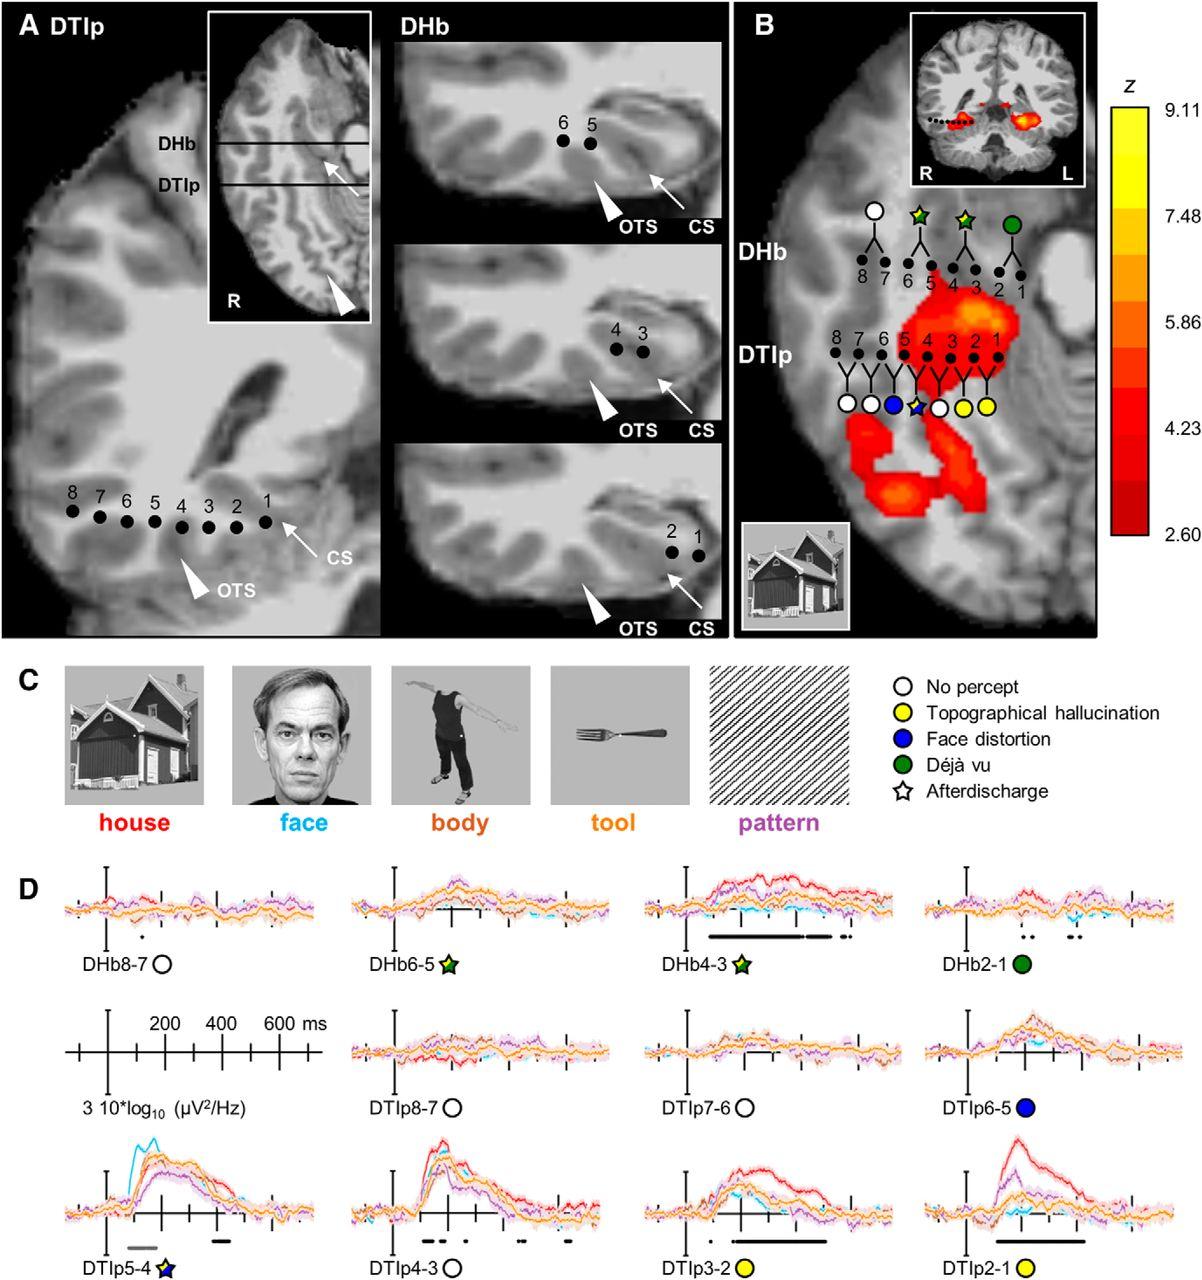 Нервные цепи в мозгу отвечающие за зрительные галлюцинации. Были найдены в 2014 году : https://www.jneurosci.org/content/34/16/5399.short?rss=1